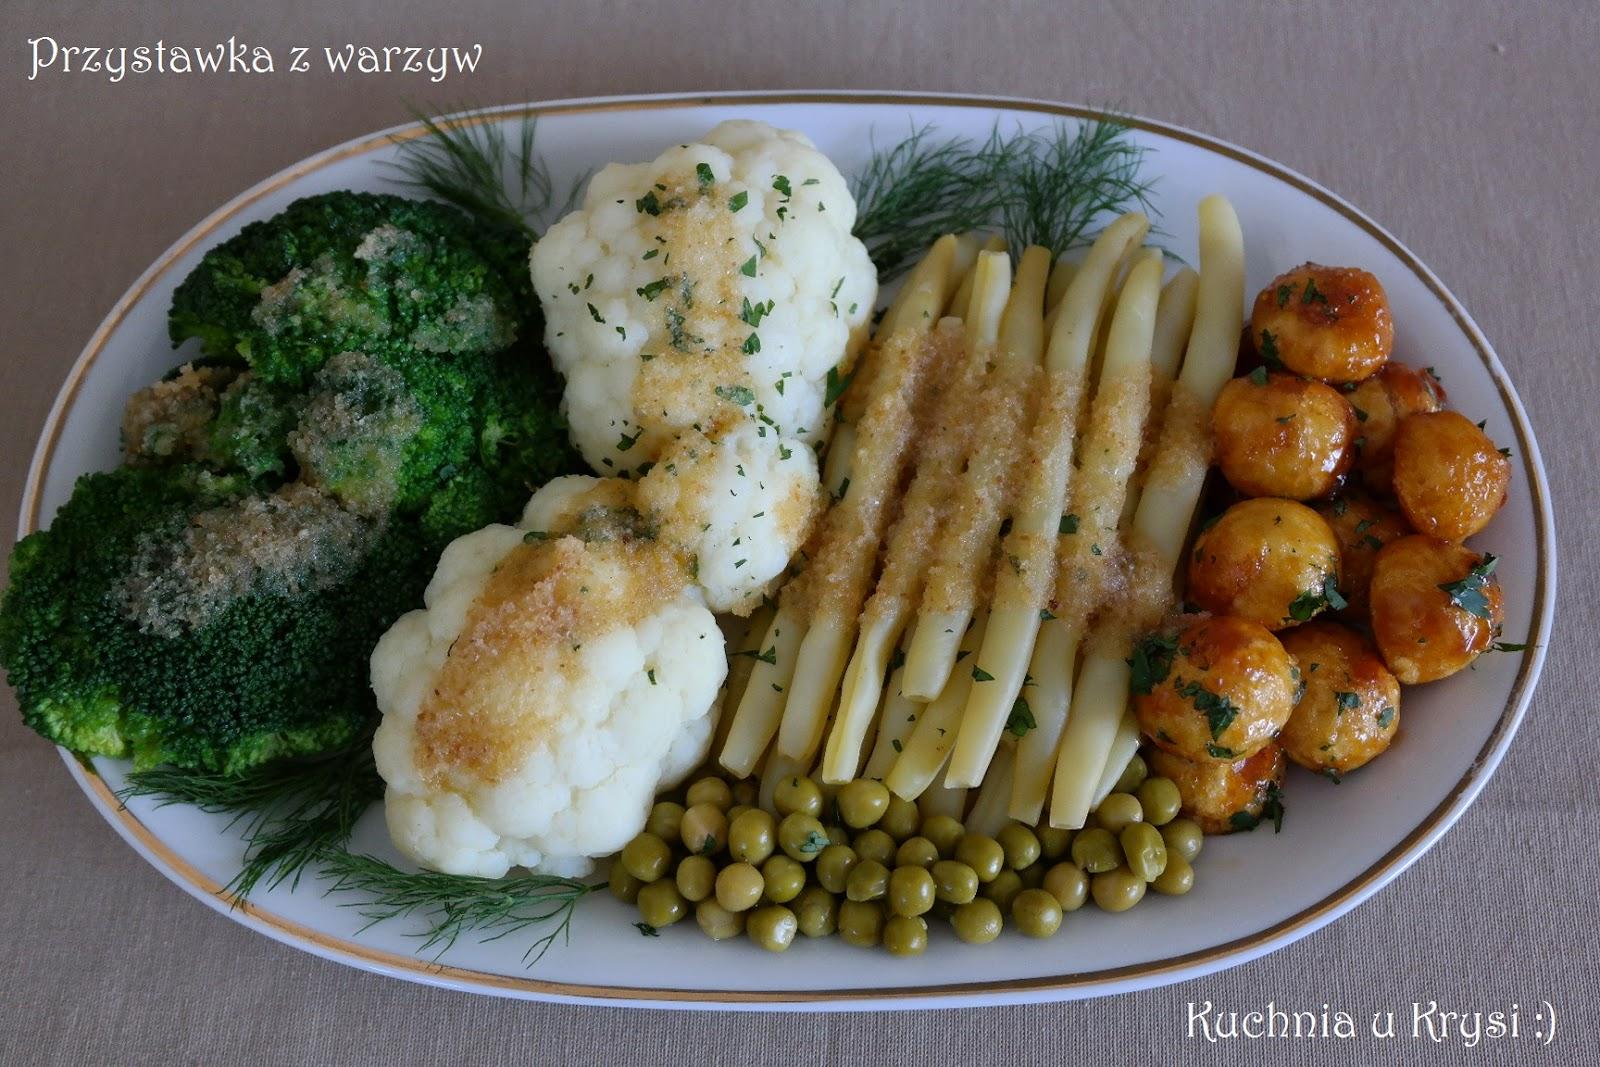 Kuchnia U Krysi Przystawka Z Warzyw Samo Zdrowie